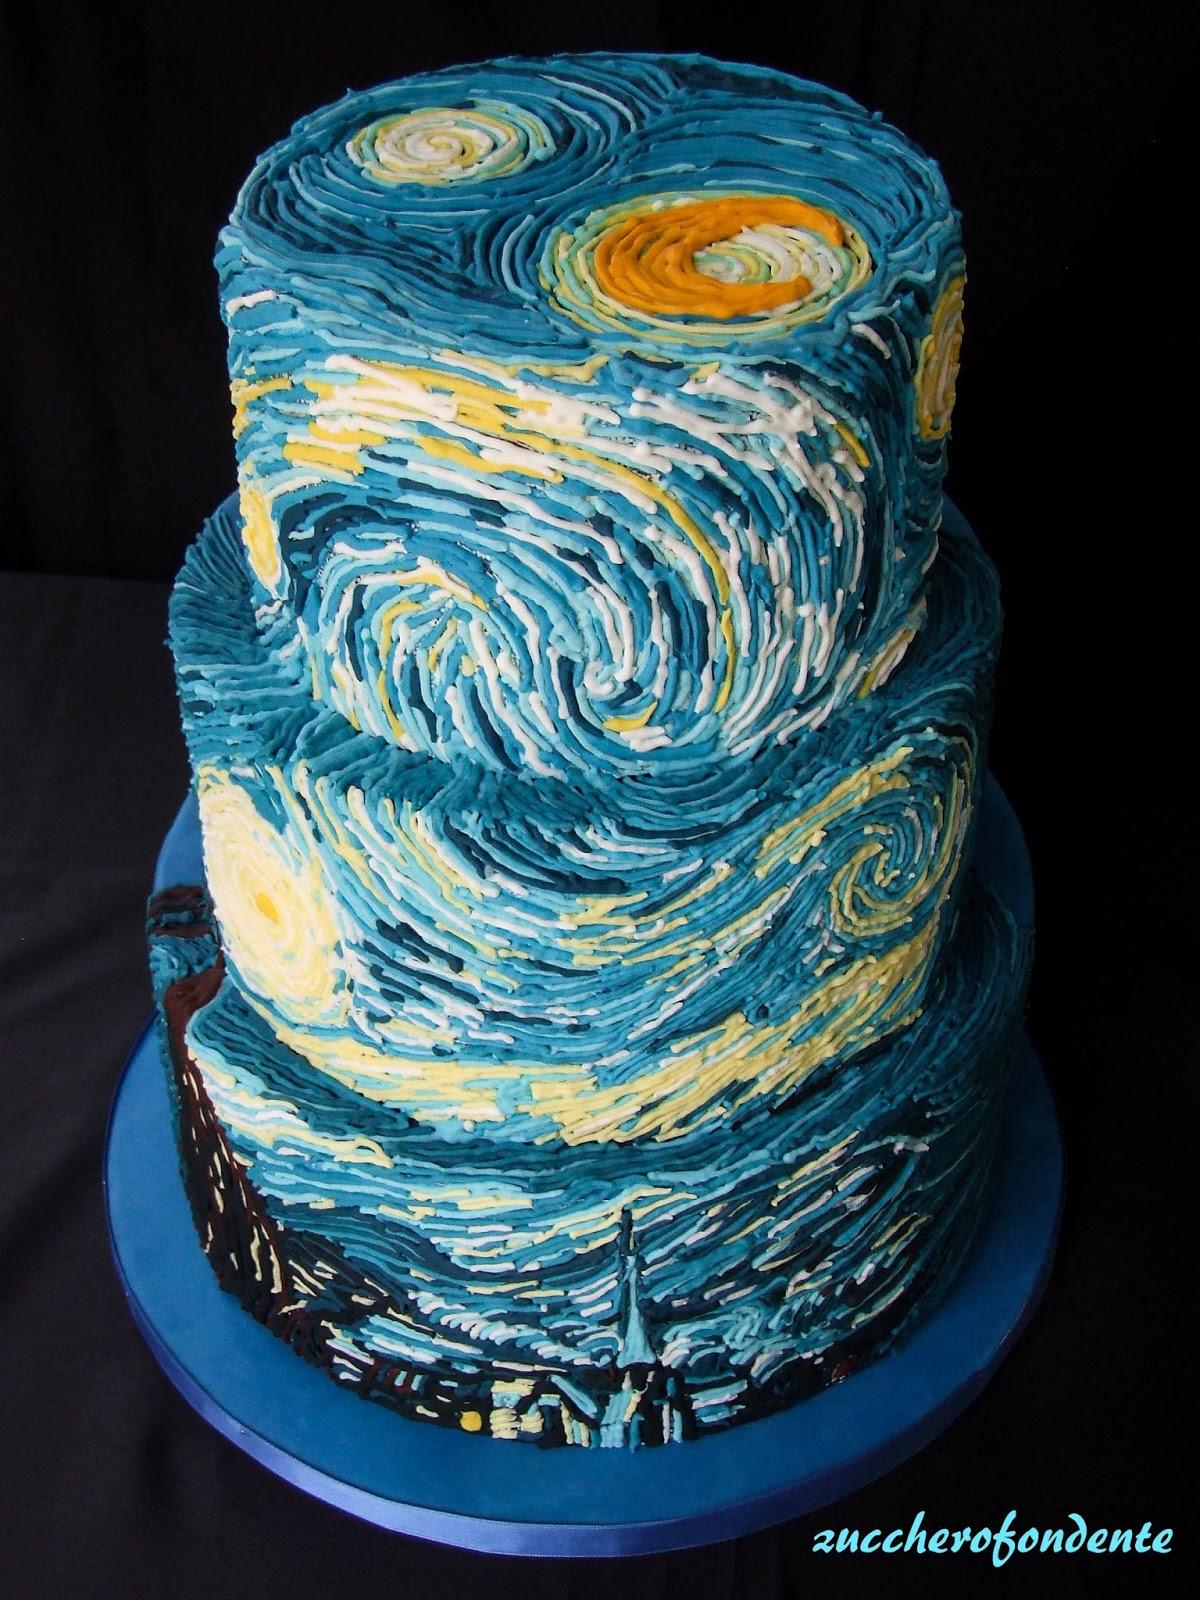 Zuccherofondente van gogh cake for La notte stellata vincent van gogh